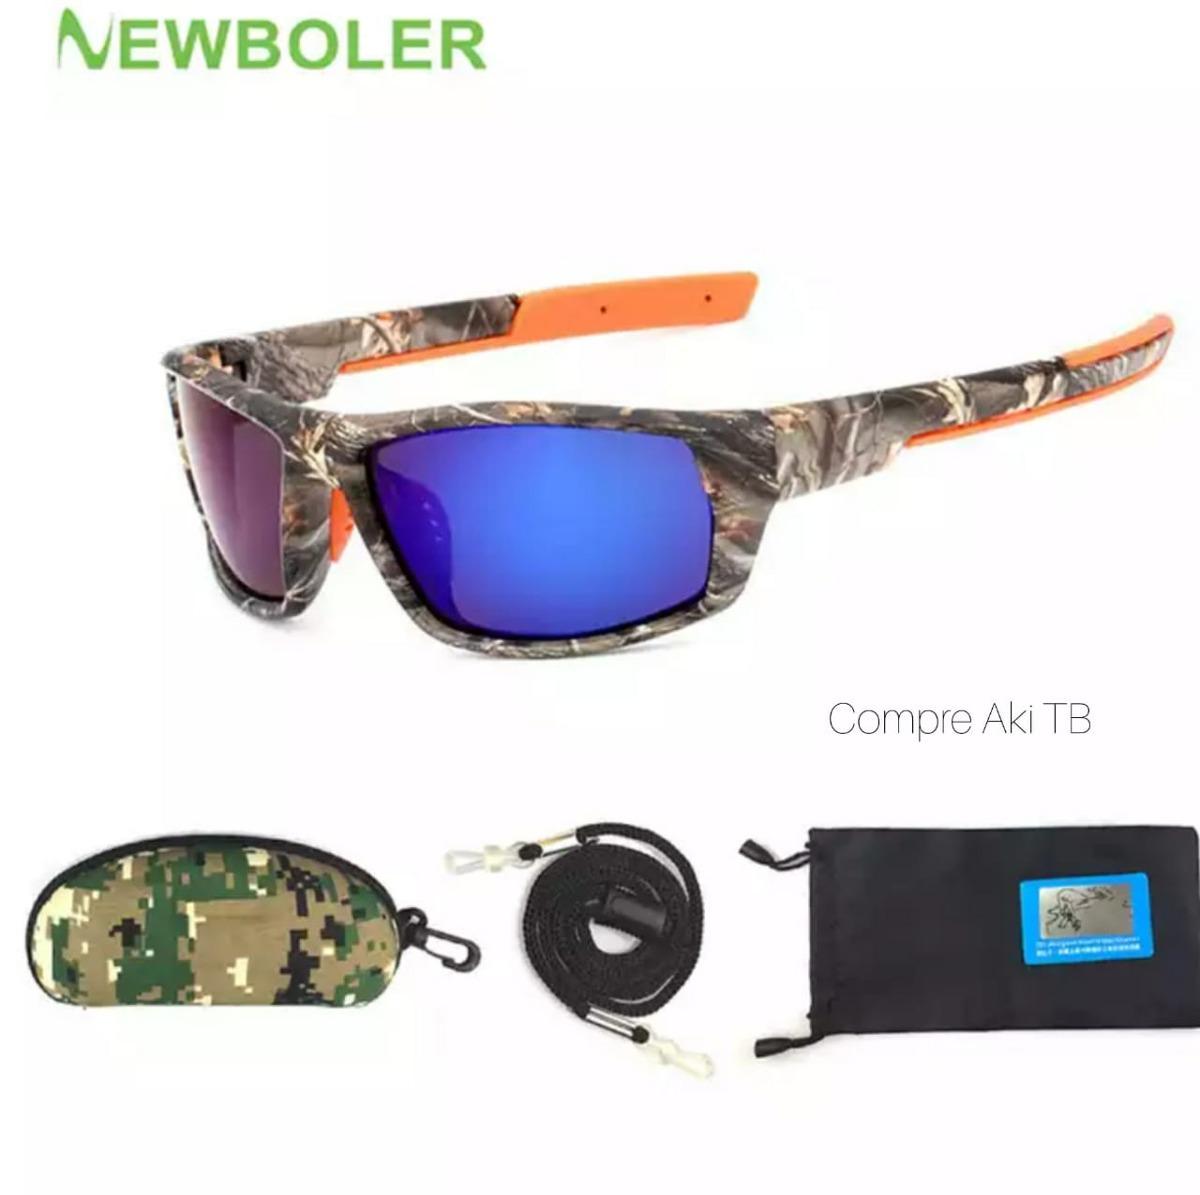 663c5c20e9c45 óculos newboler pesca camuflado polarizado ant-reflexo uv. Carregando zoom.